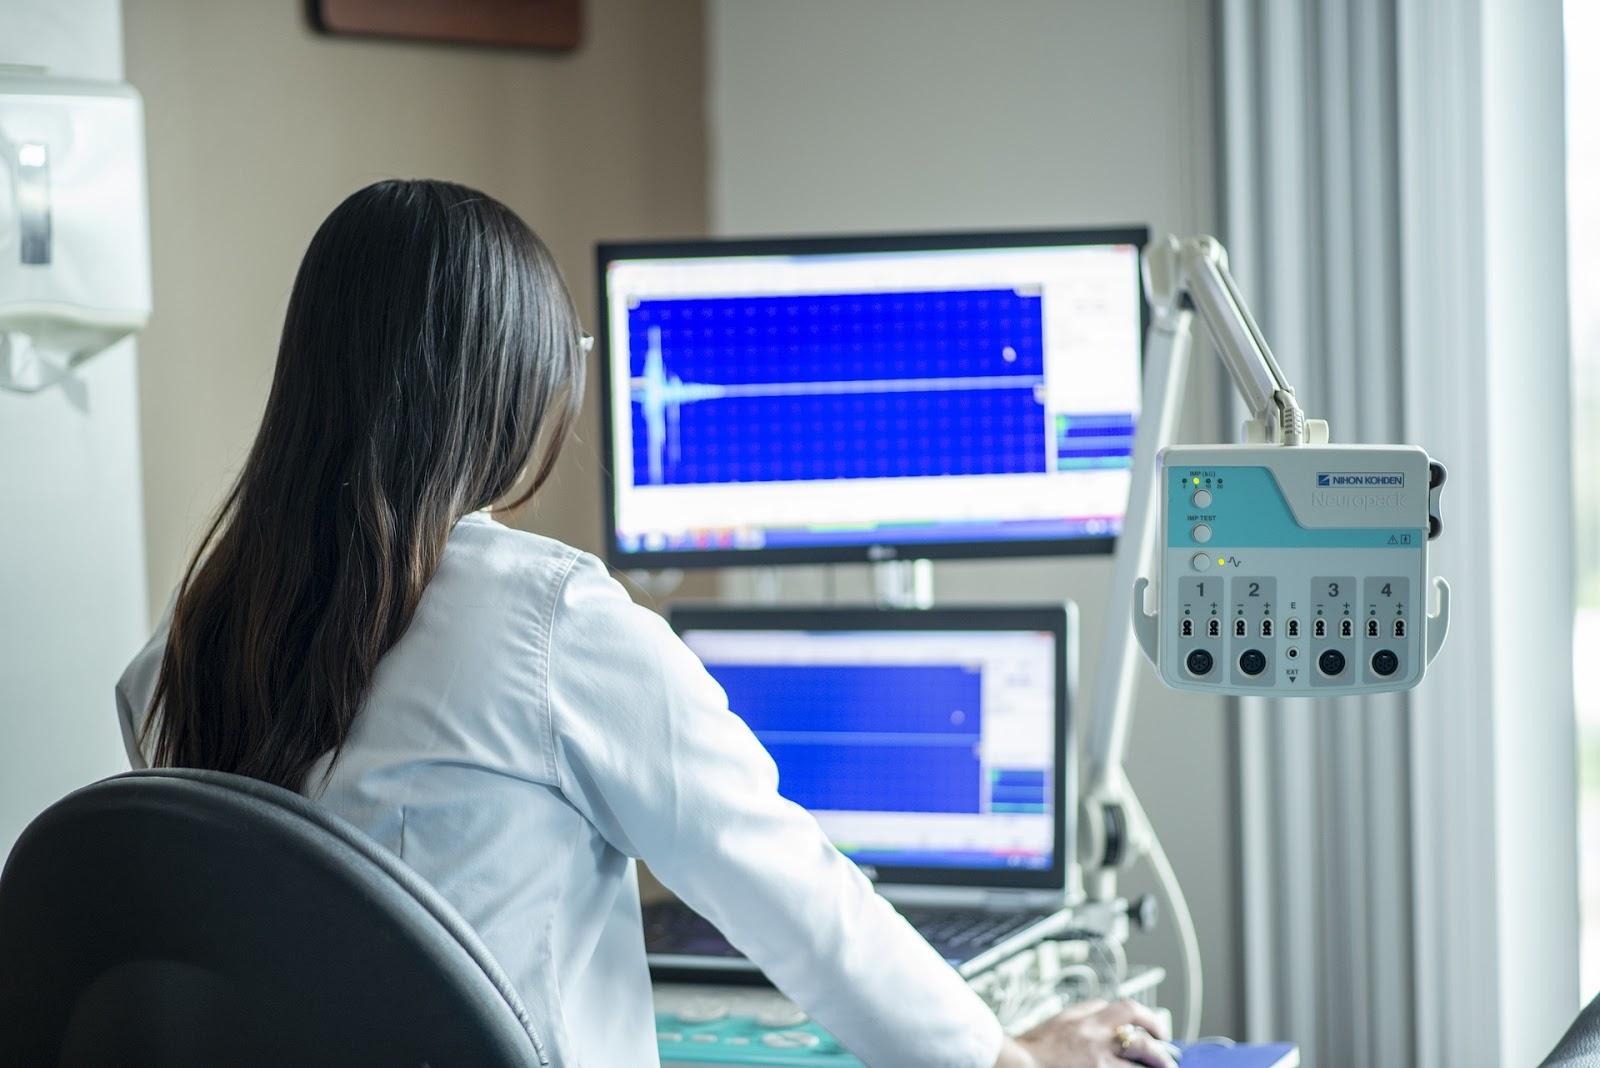 Article sur L'installation en libéral, titre Le matériel médical pour l'installation en libéral : tout savoir